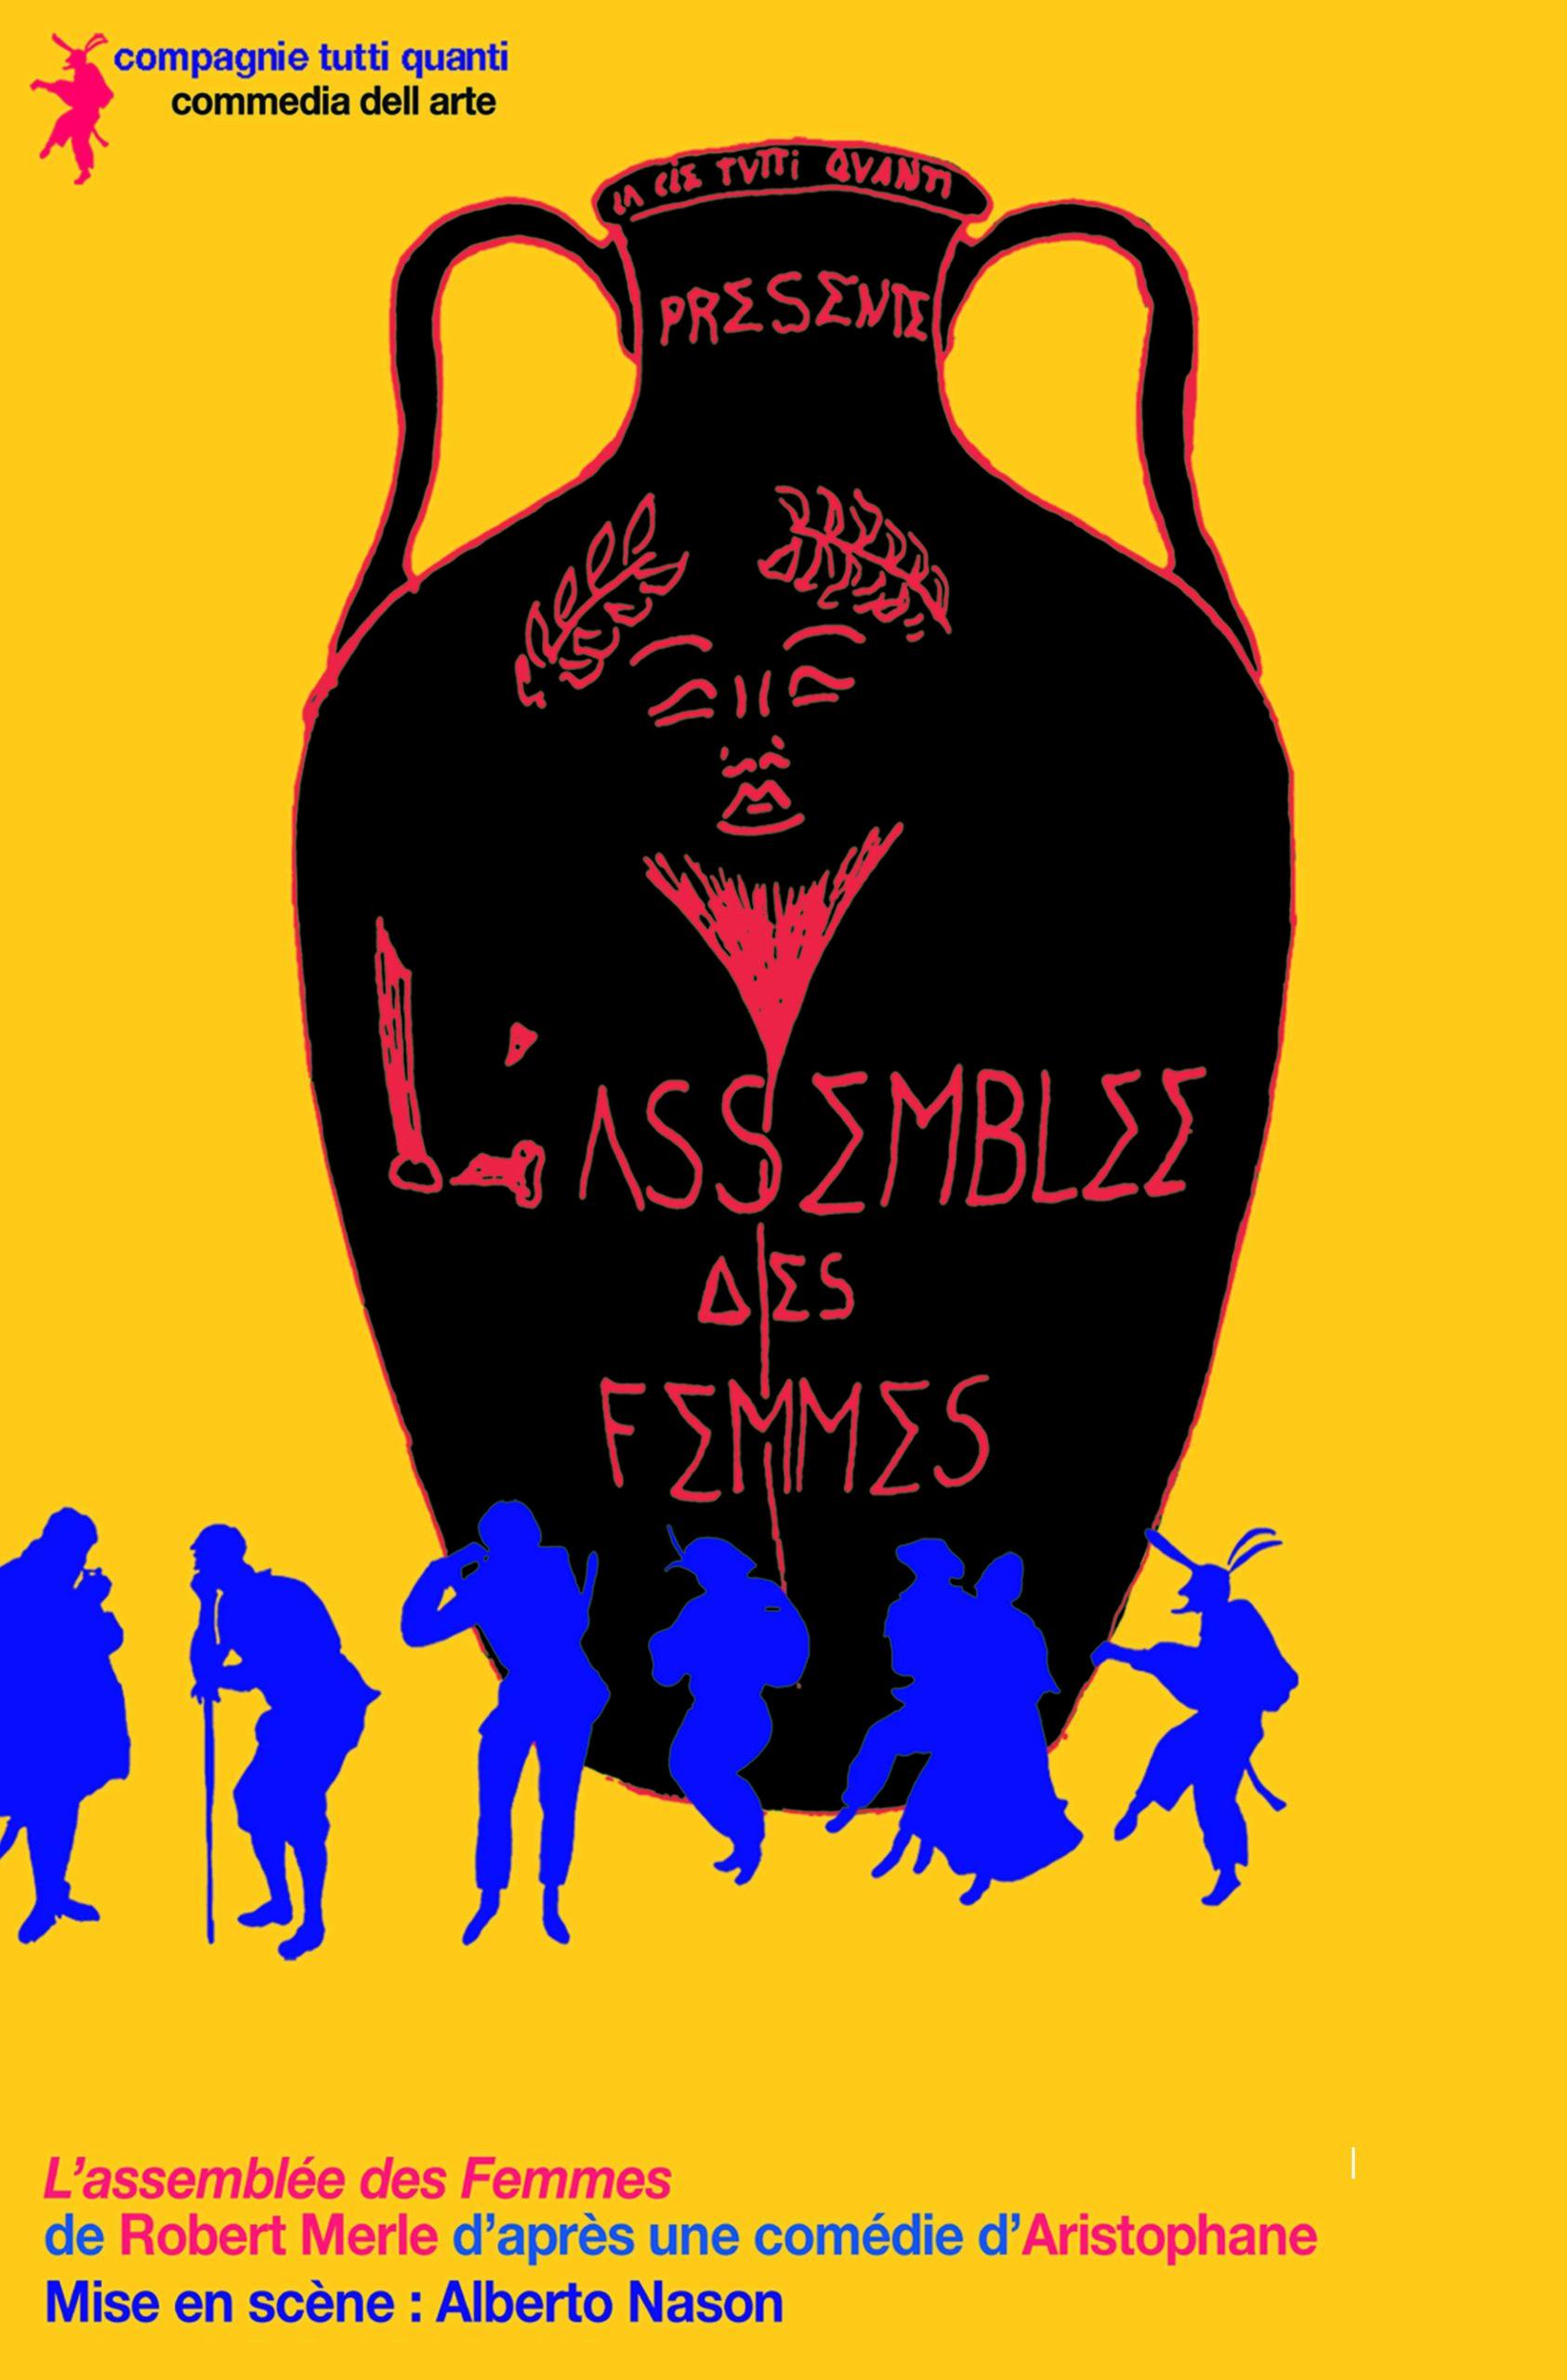 image illustration deL'Assemblée des femmes